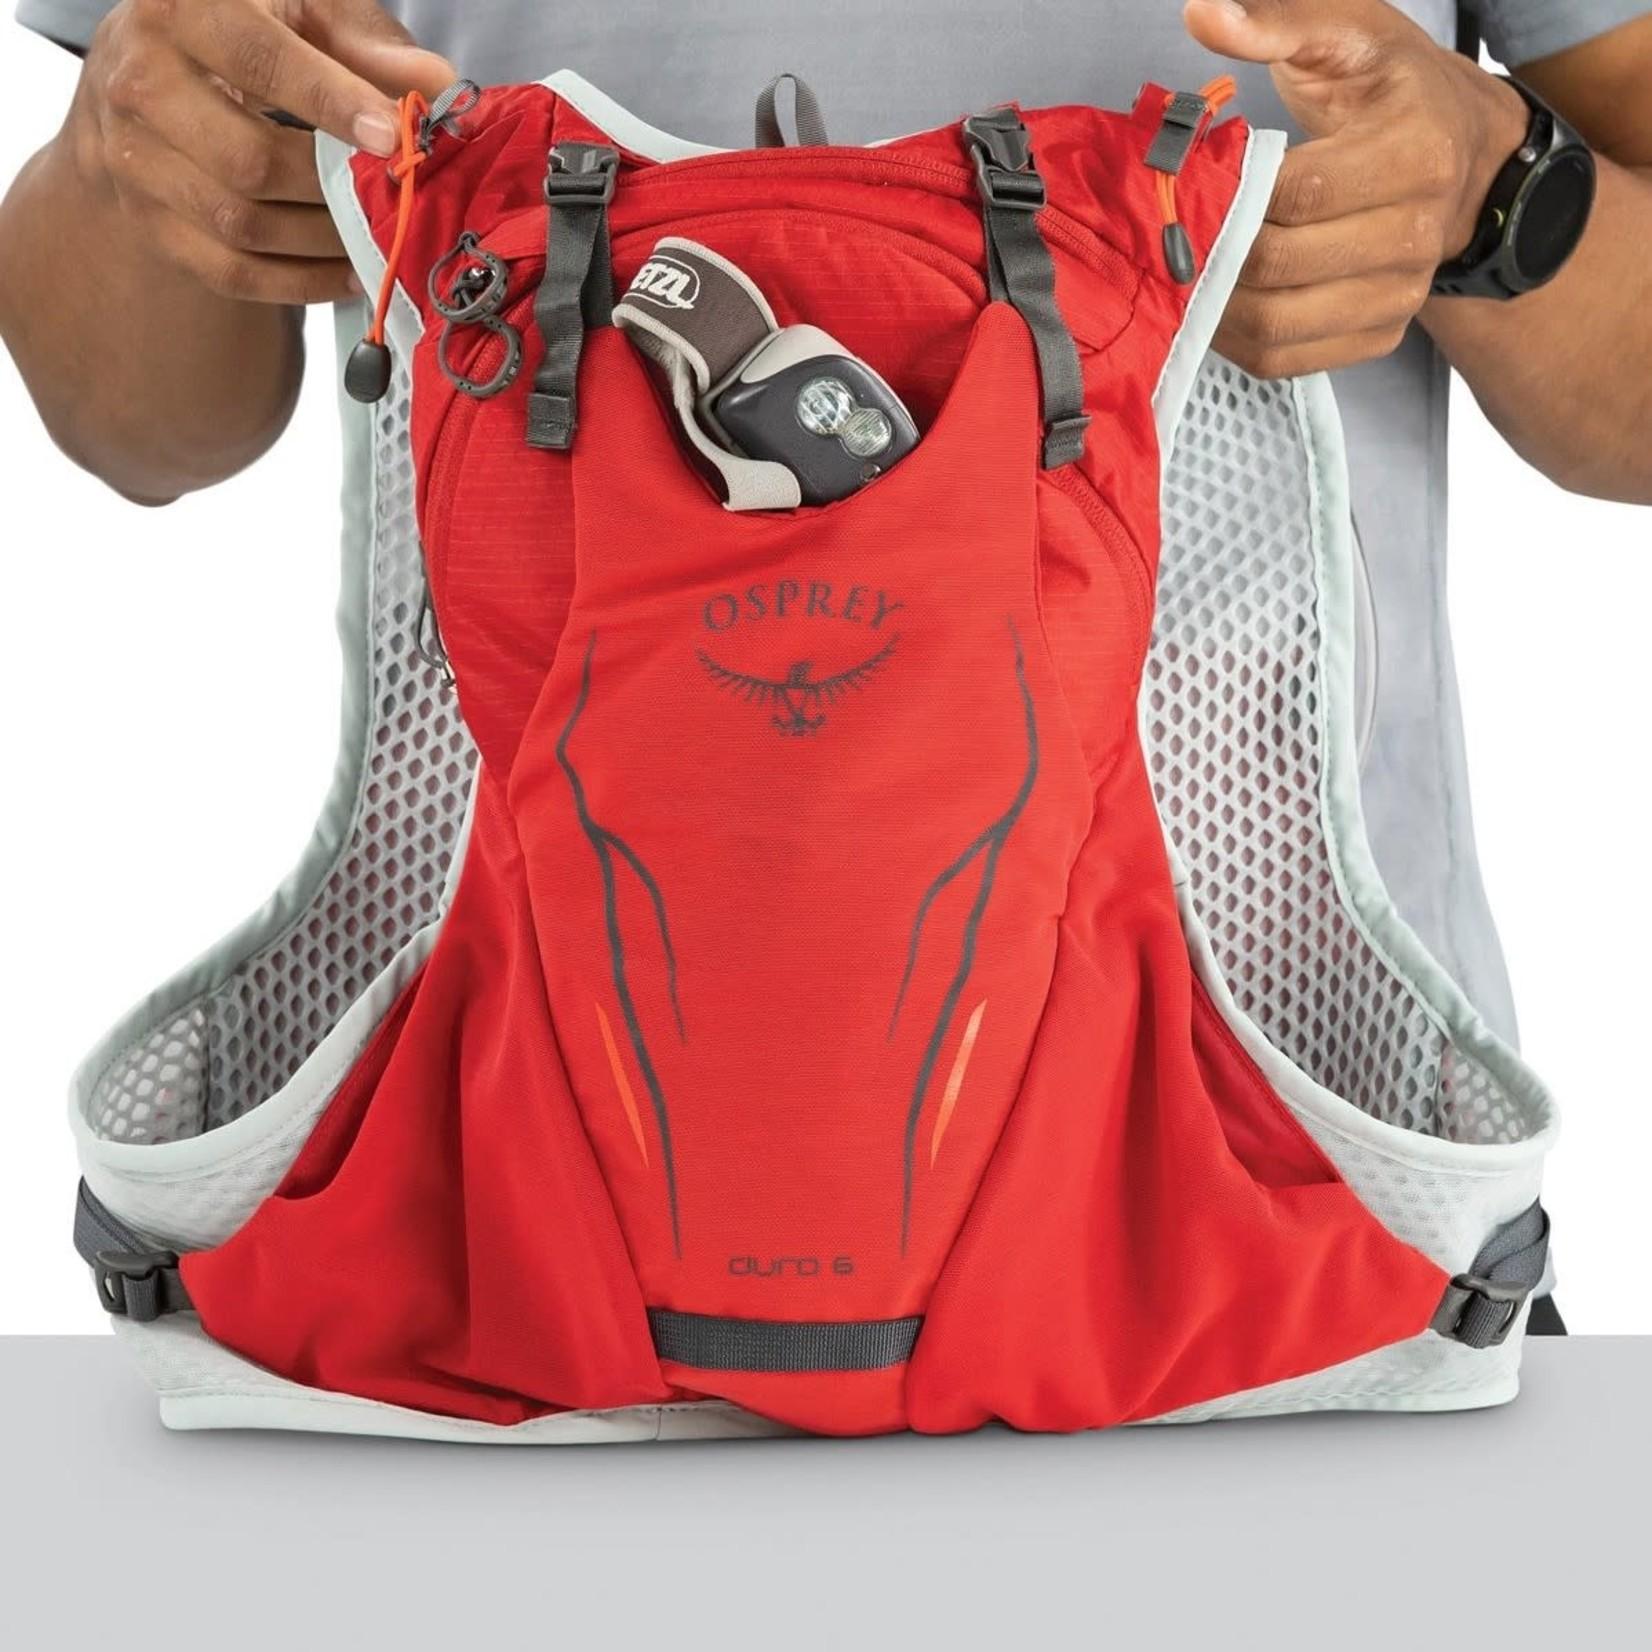 Osprey Osprey Duro 6 Trail Running Vest - Men